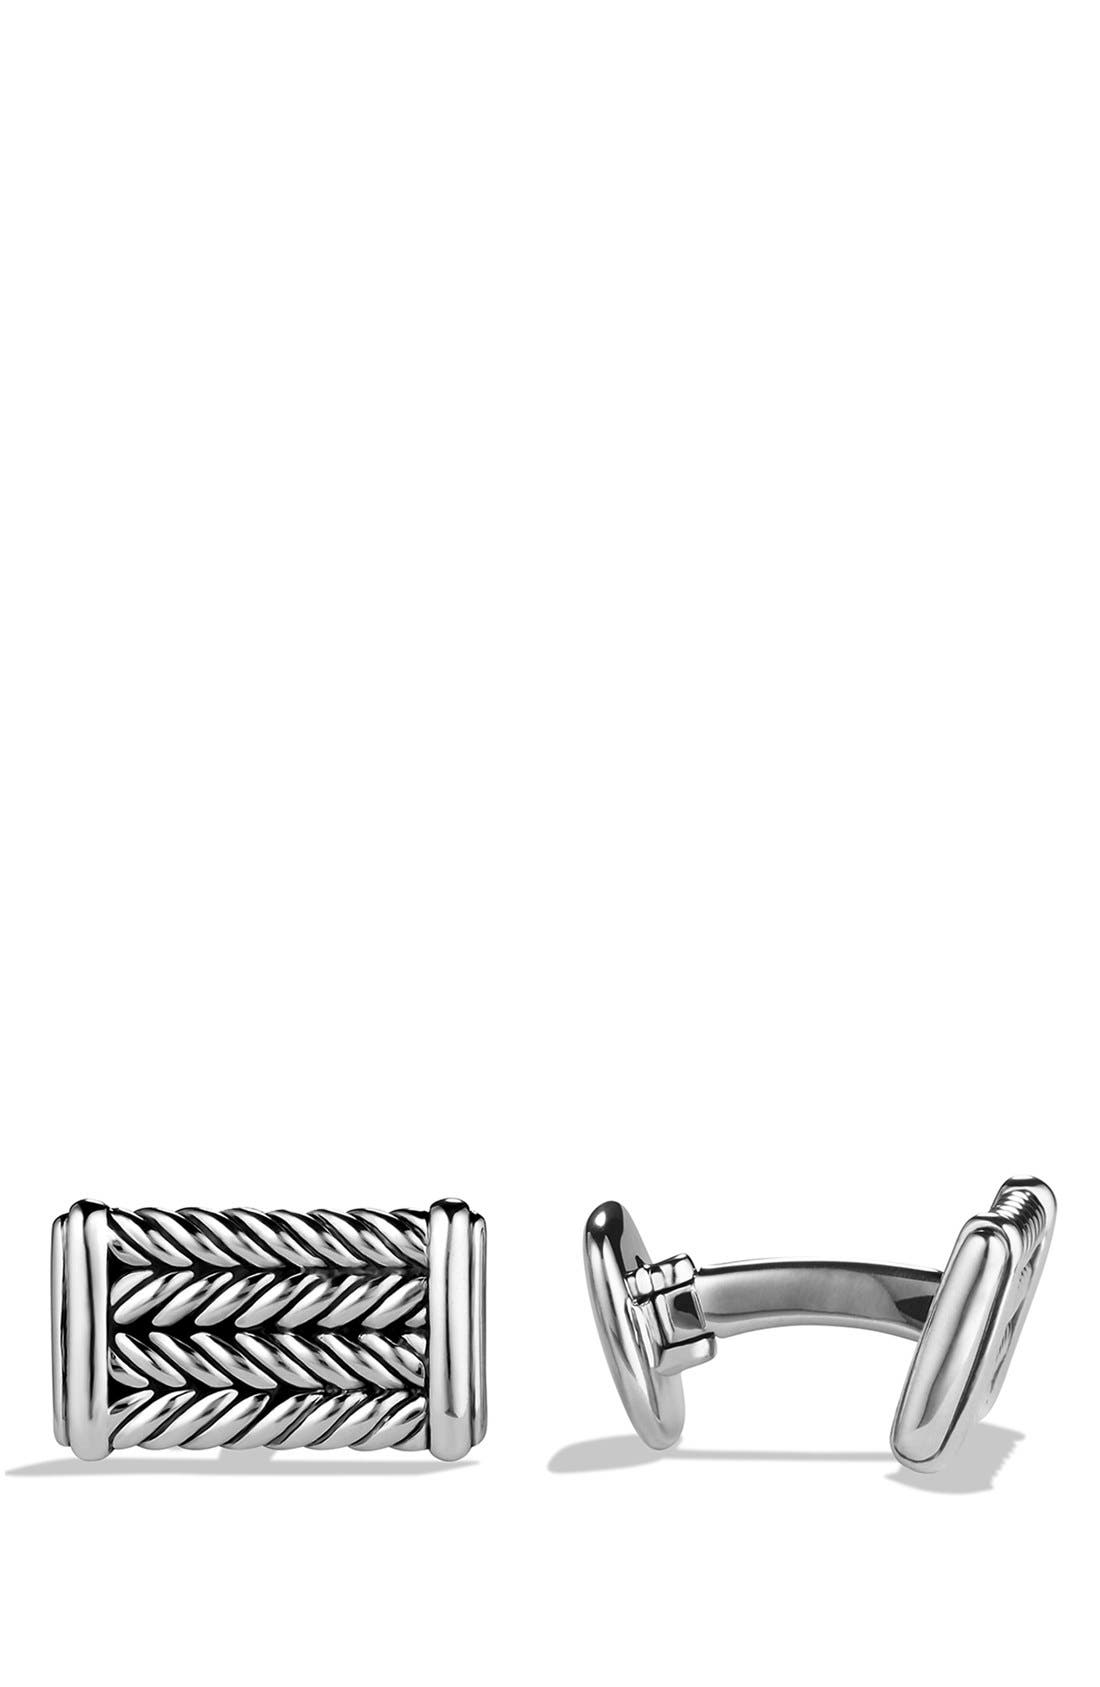 'Chevron' Cuff Links,                         Main,                         color, Silver